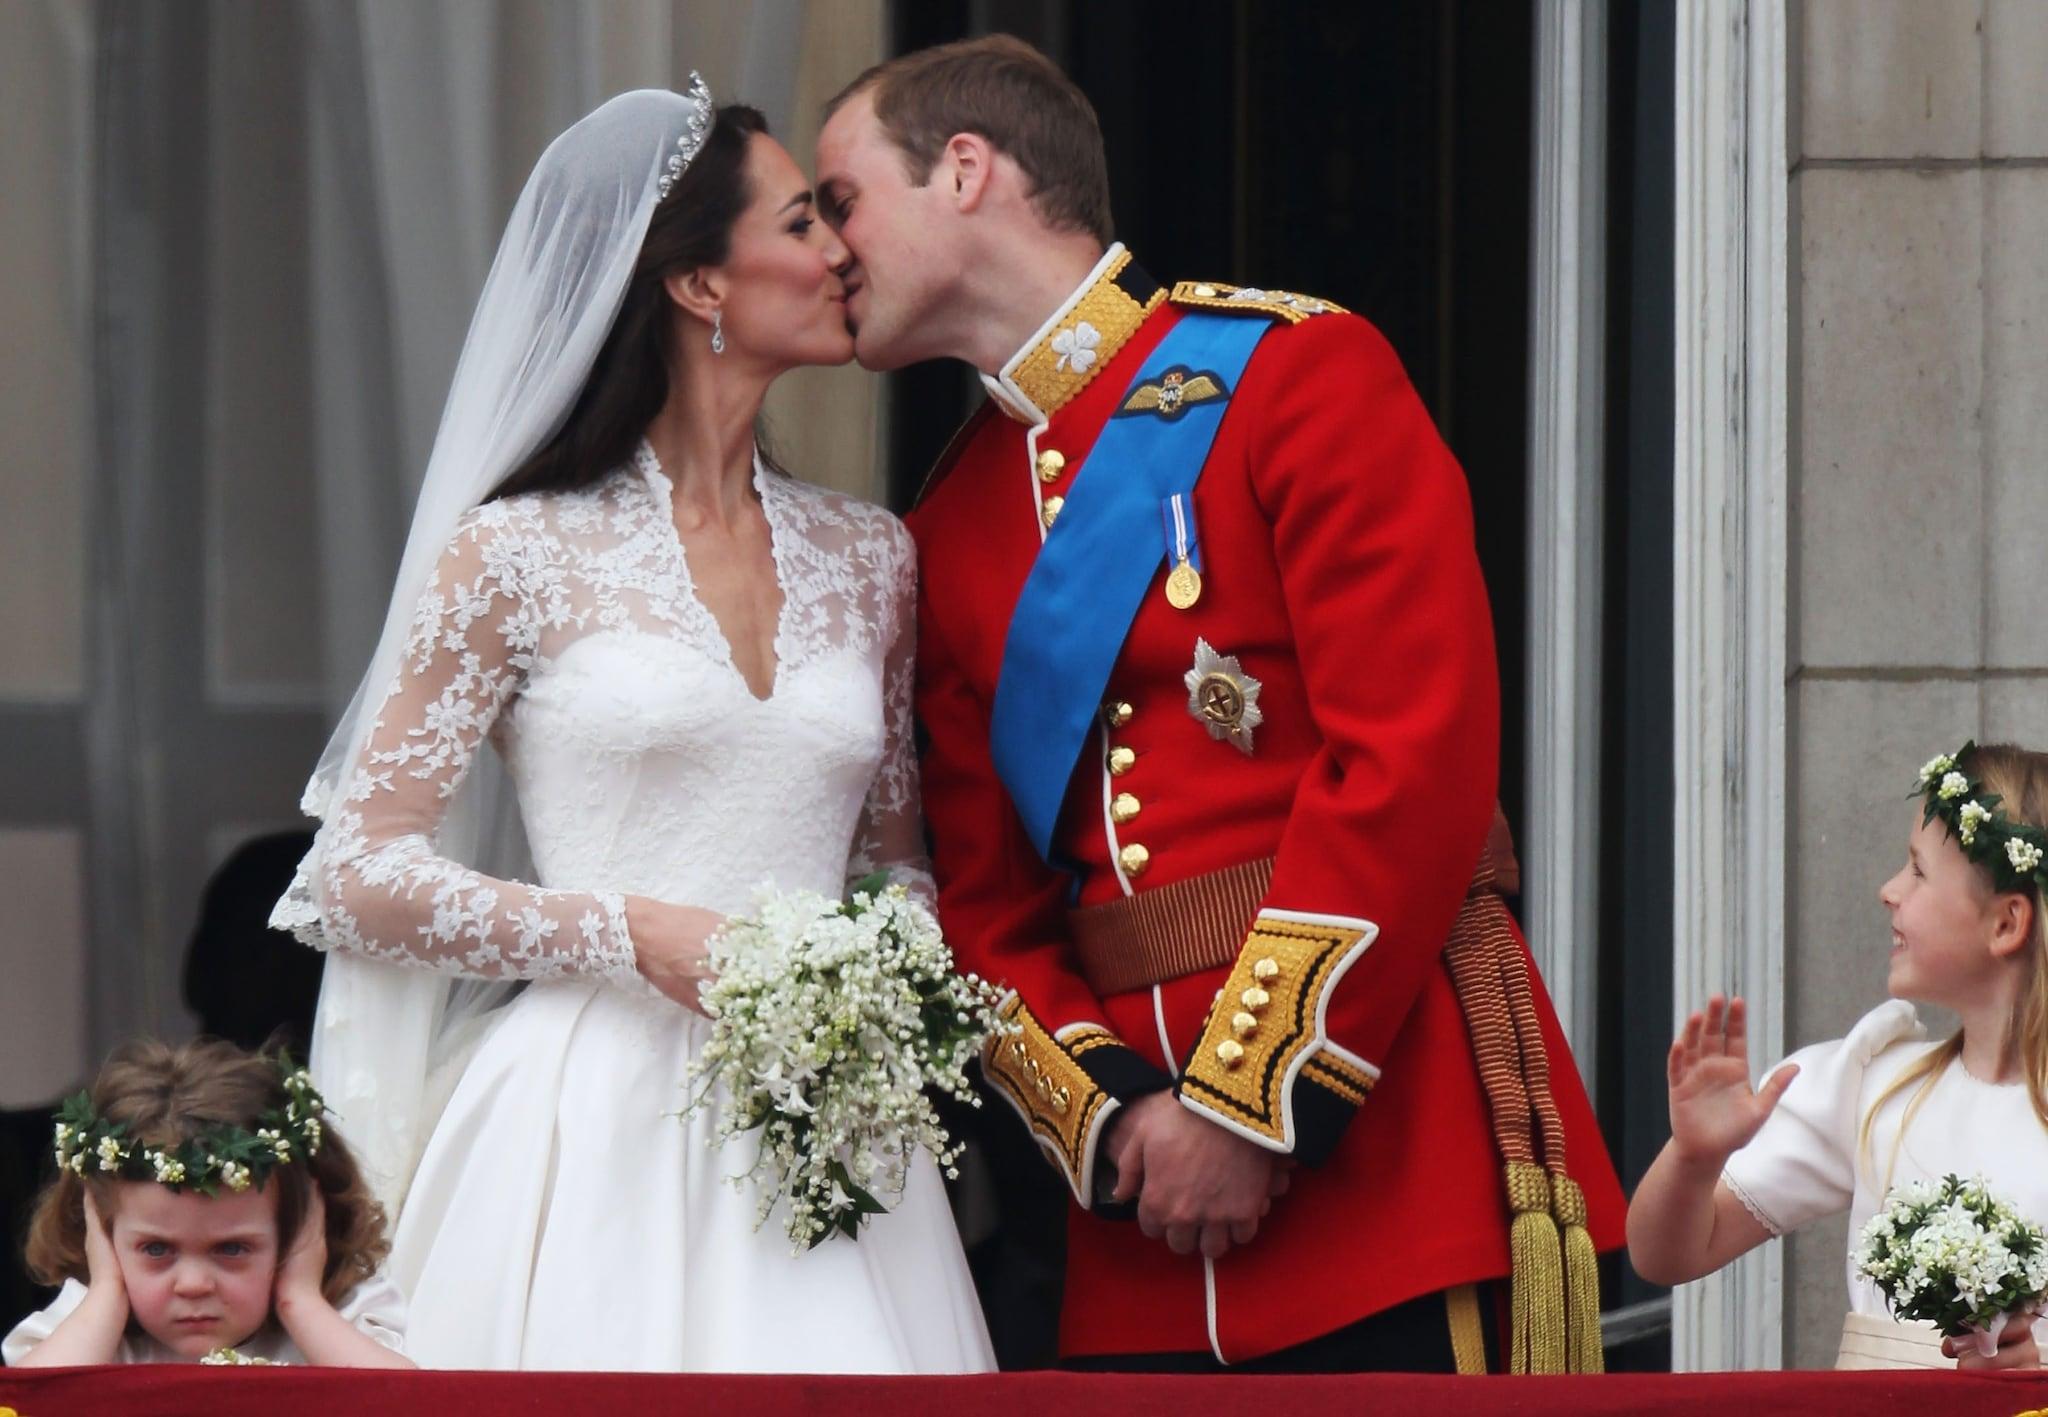 Una foto del matrimonio di William e Kate